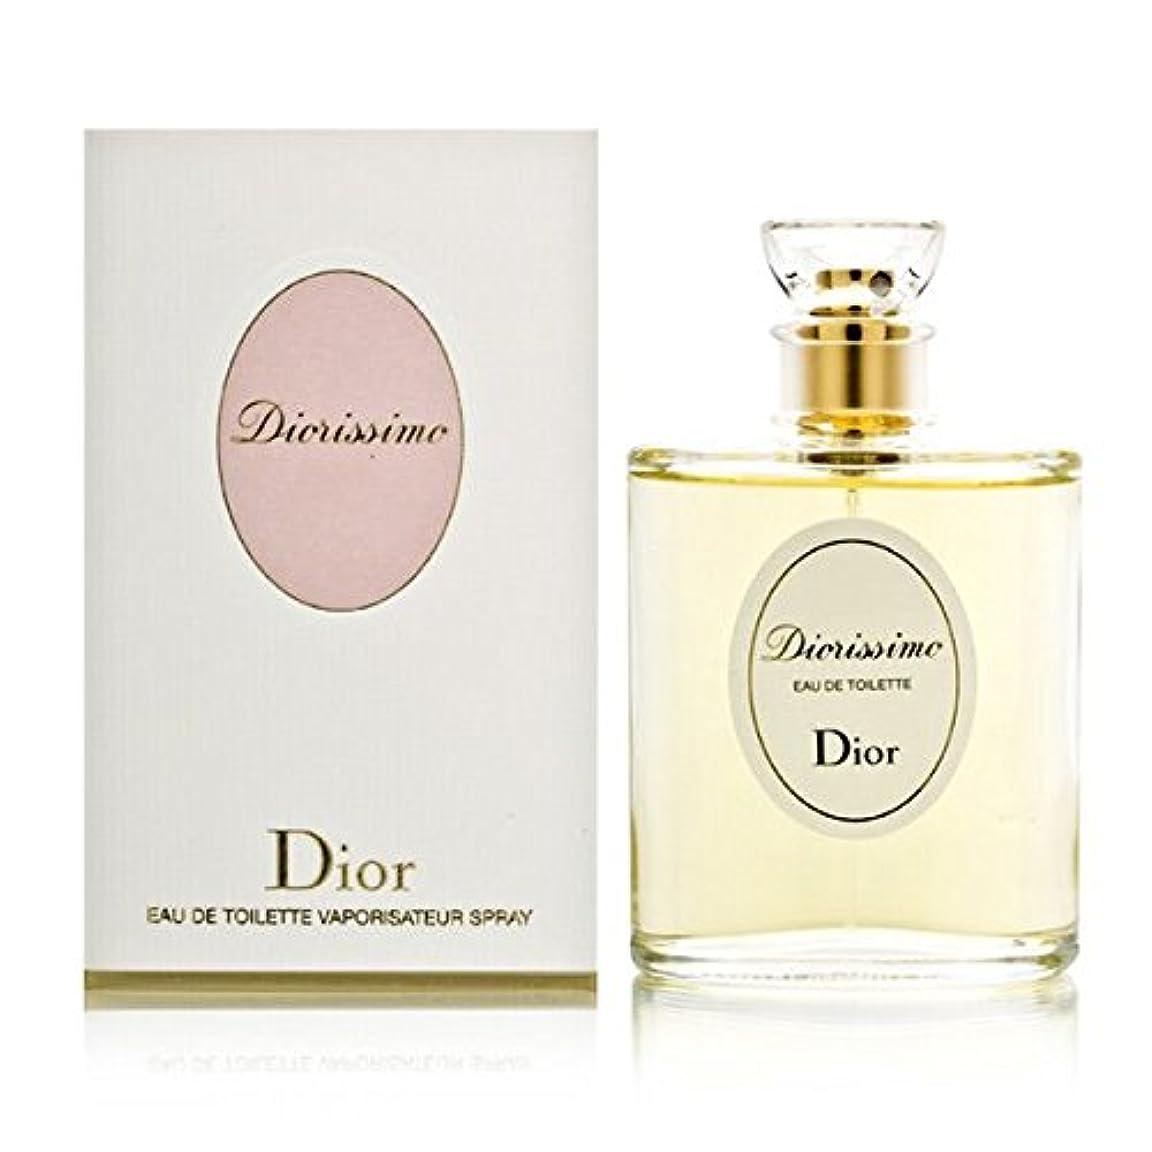 売る無効ジムクリスチャン ディオール(Christian Dior) ディオリッシモ EDT SP 100ml [並行輸入品]